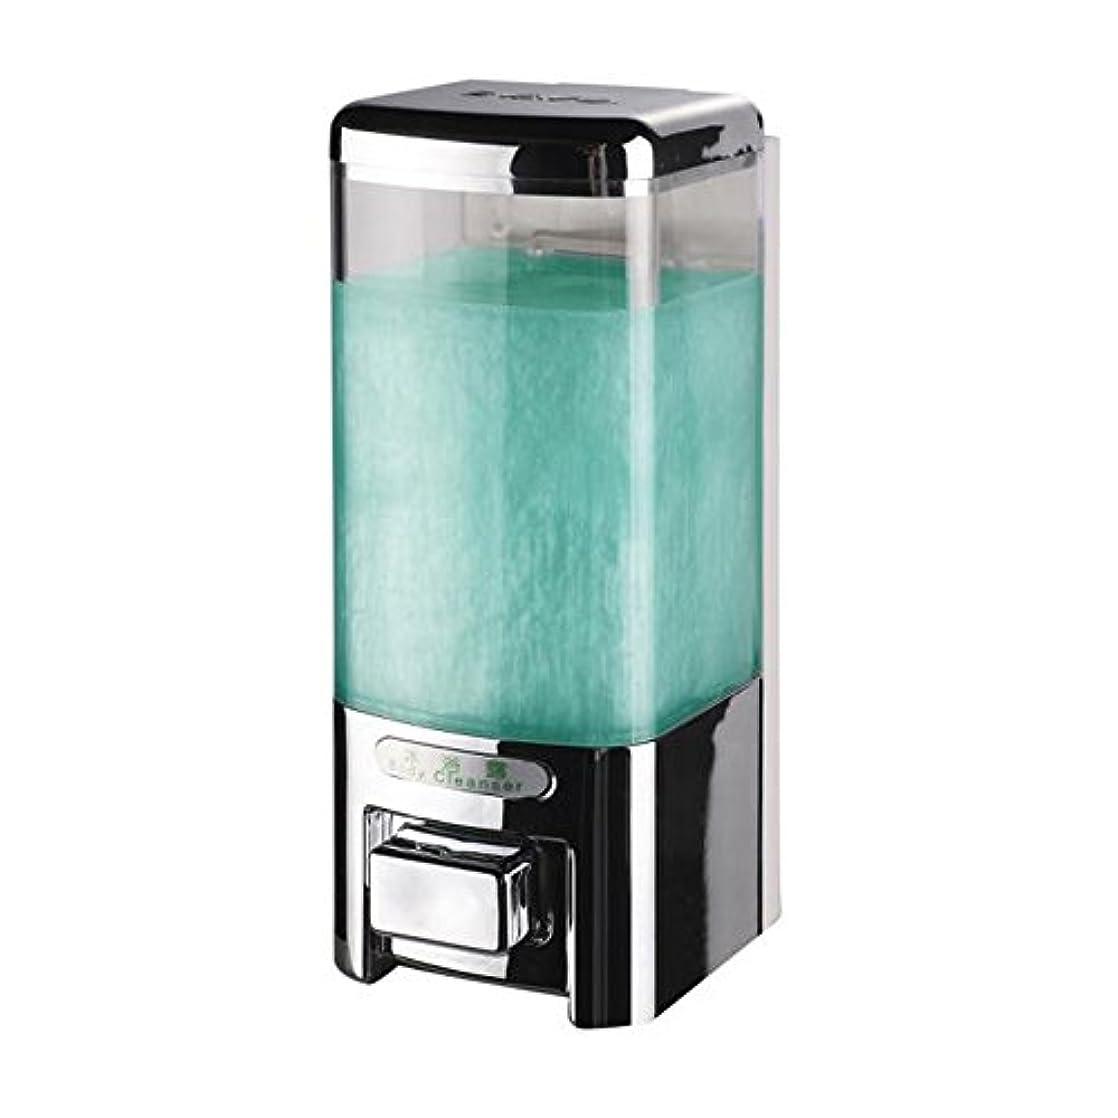 裏切り者管理します豊富にSvavo v-8101プラスチック壁マウントHand Soap Dispenser forホテルキッチンバスルームホワイト、クロム500 ml 1のパック V-8101-Chrome